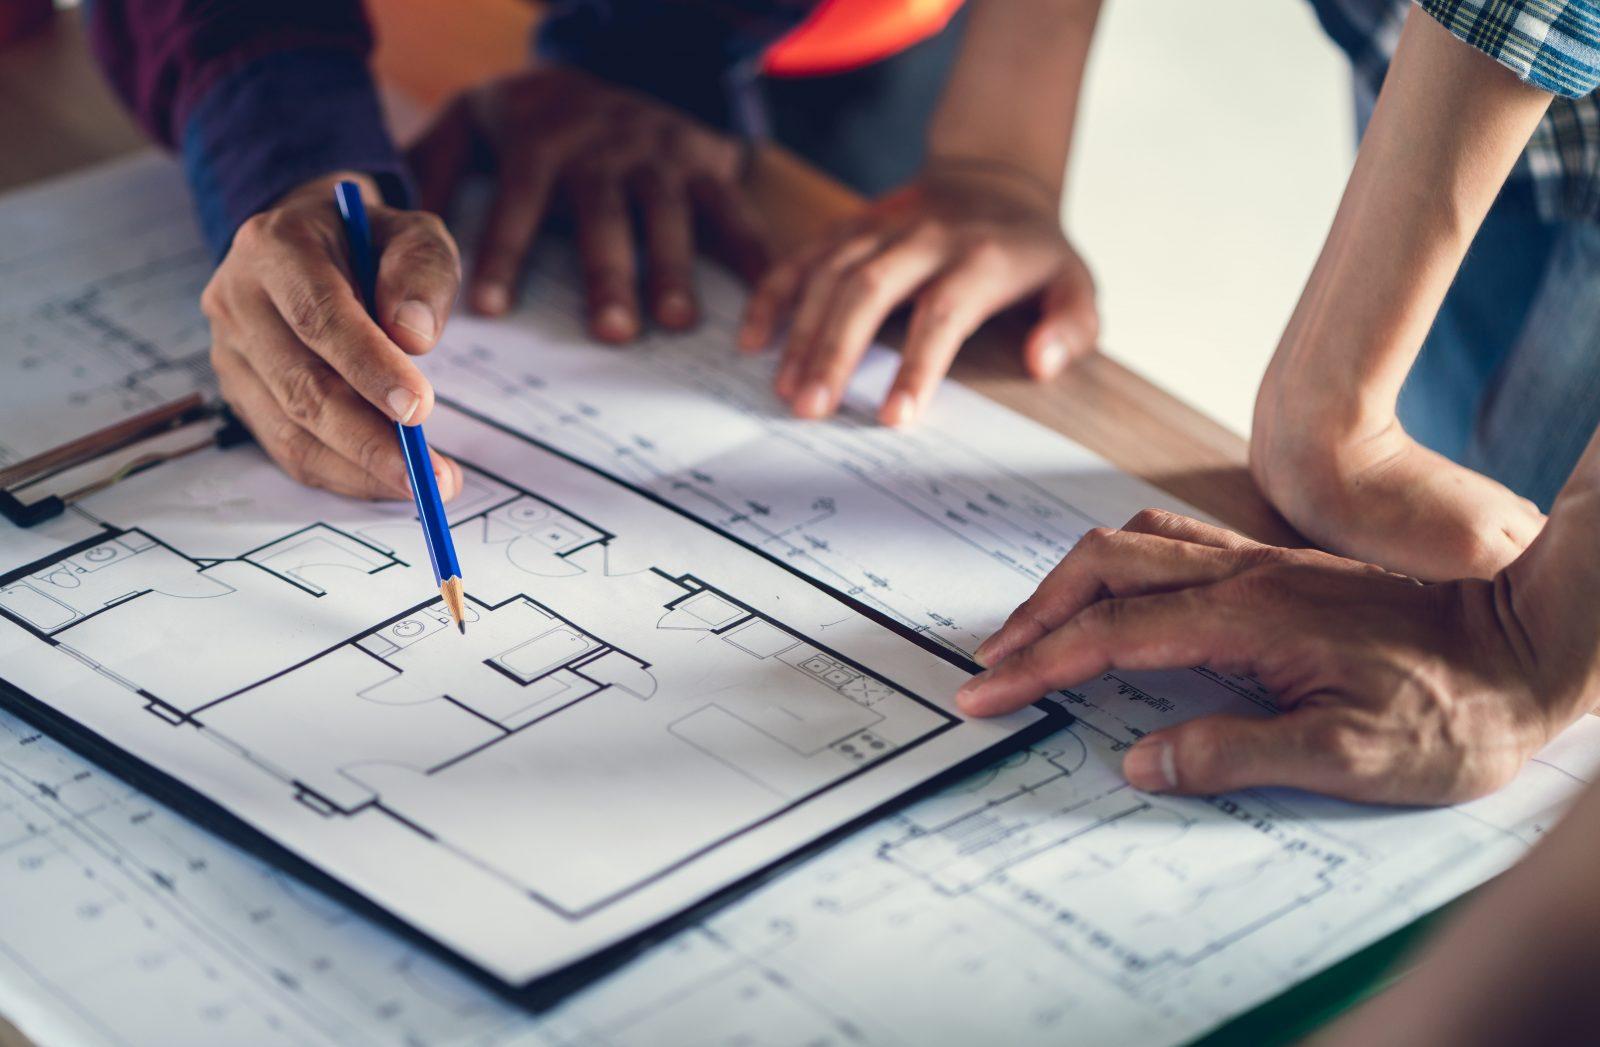 Prosjektmøte i byggebransjen der man ser på tegninger av våtrom.